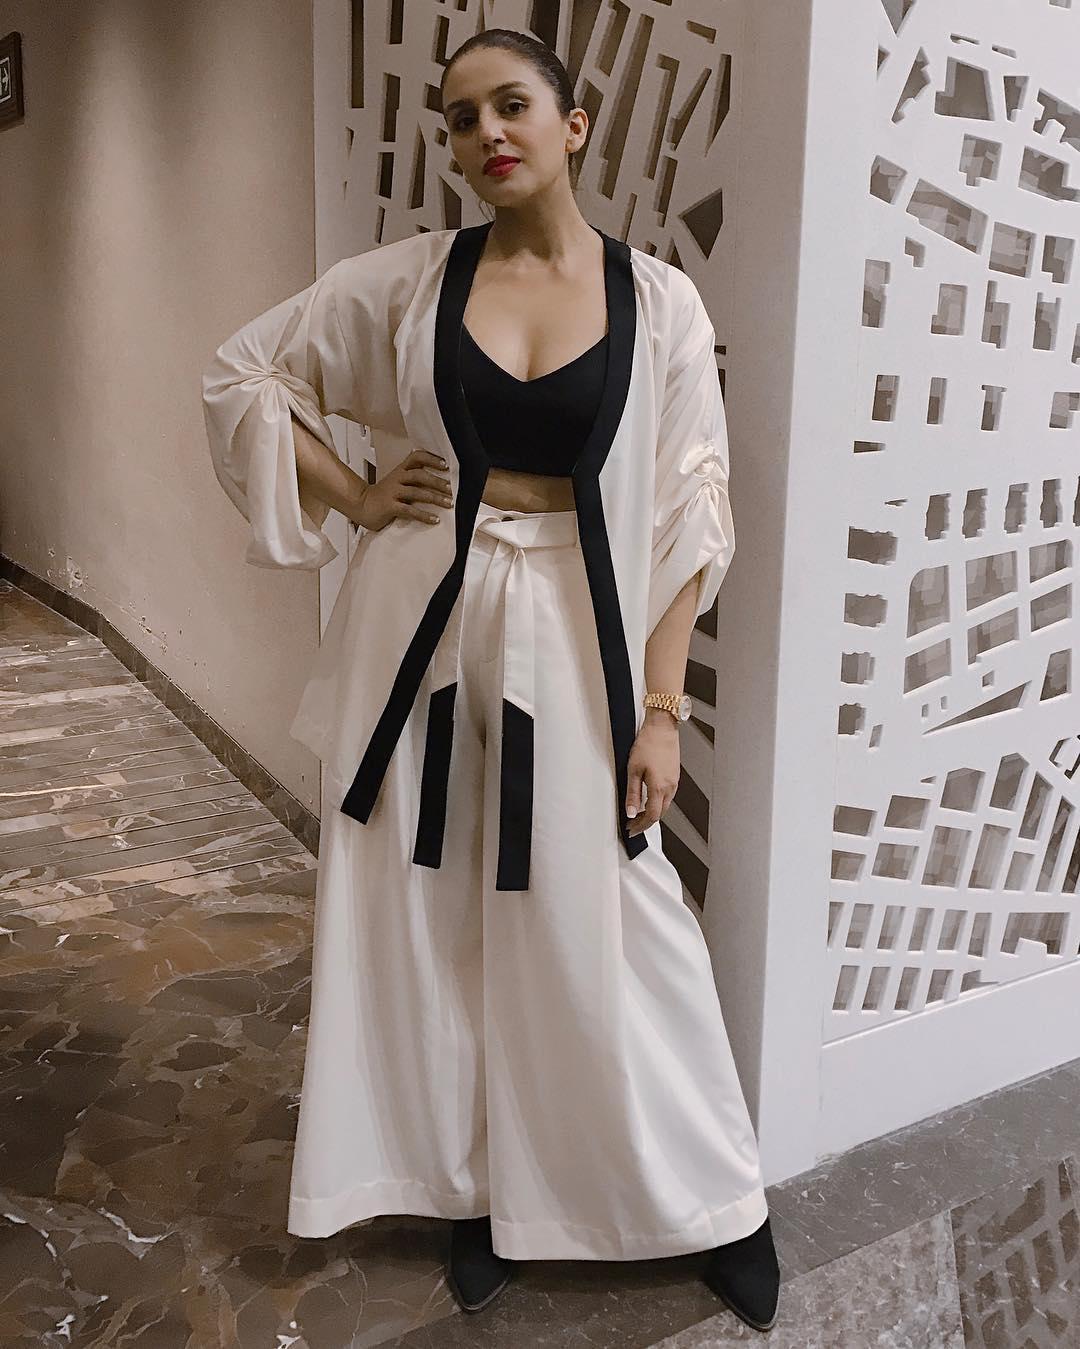 అందాల హుమా ఖురేషి హాట్ ఫోటోస్ Photo: Instagram.com/iamhumaq